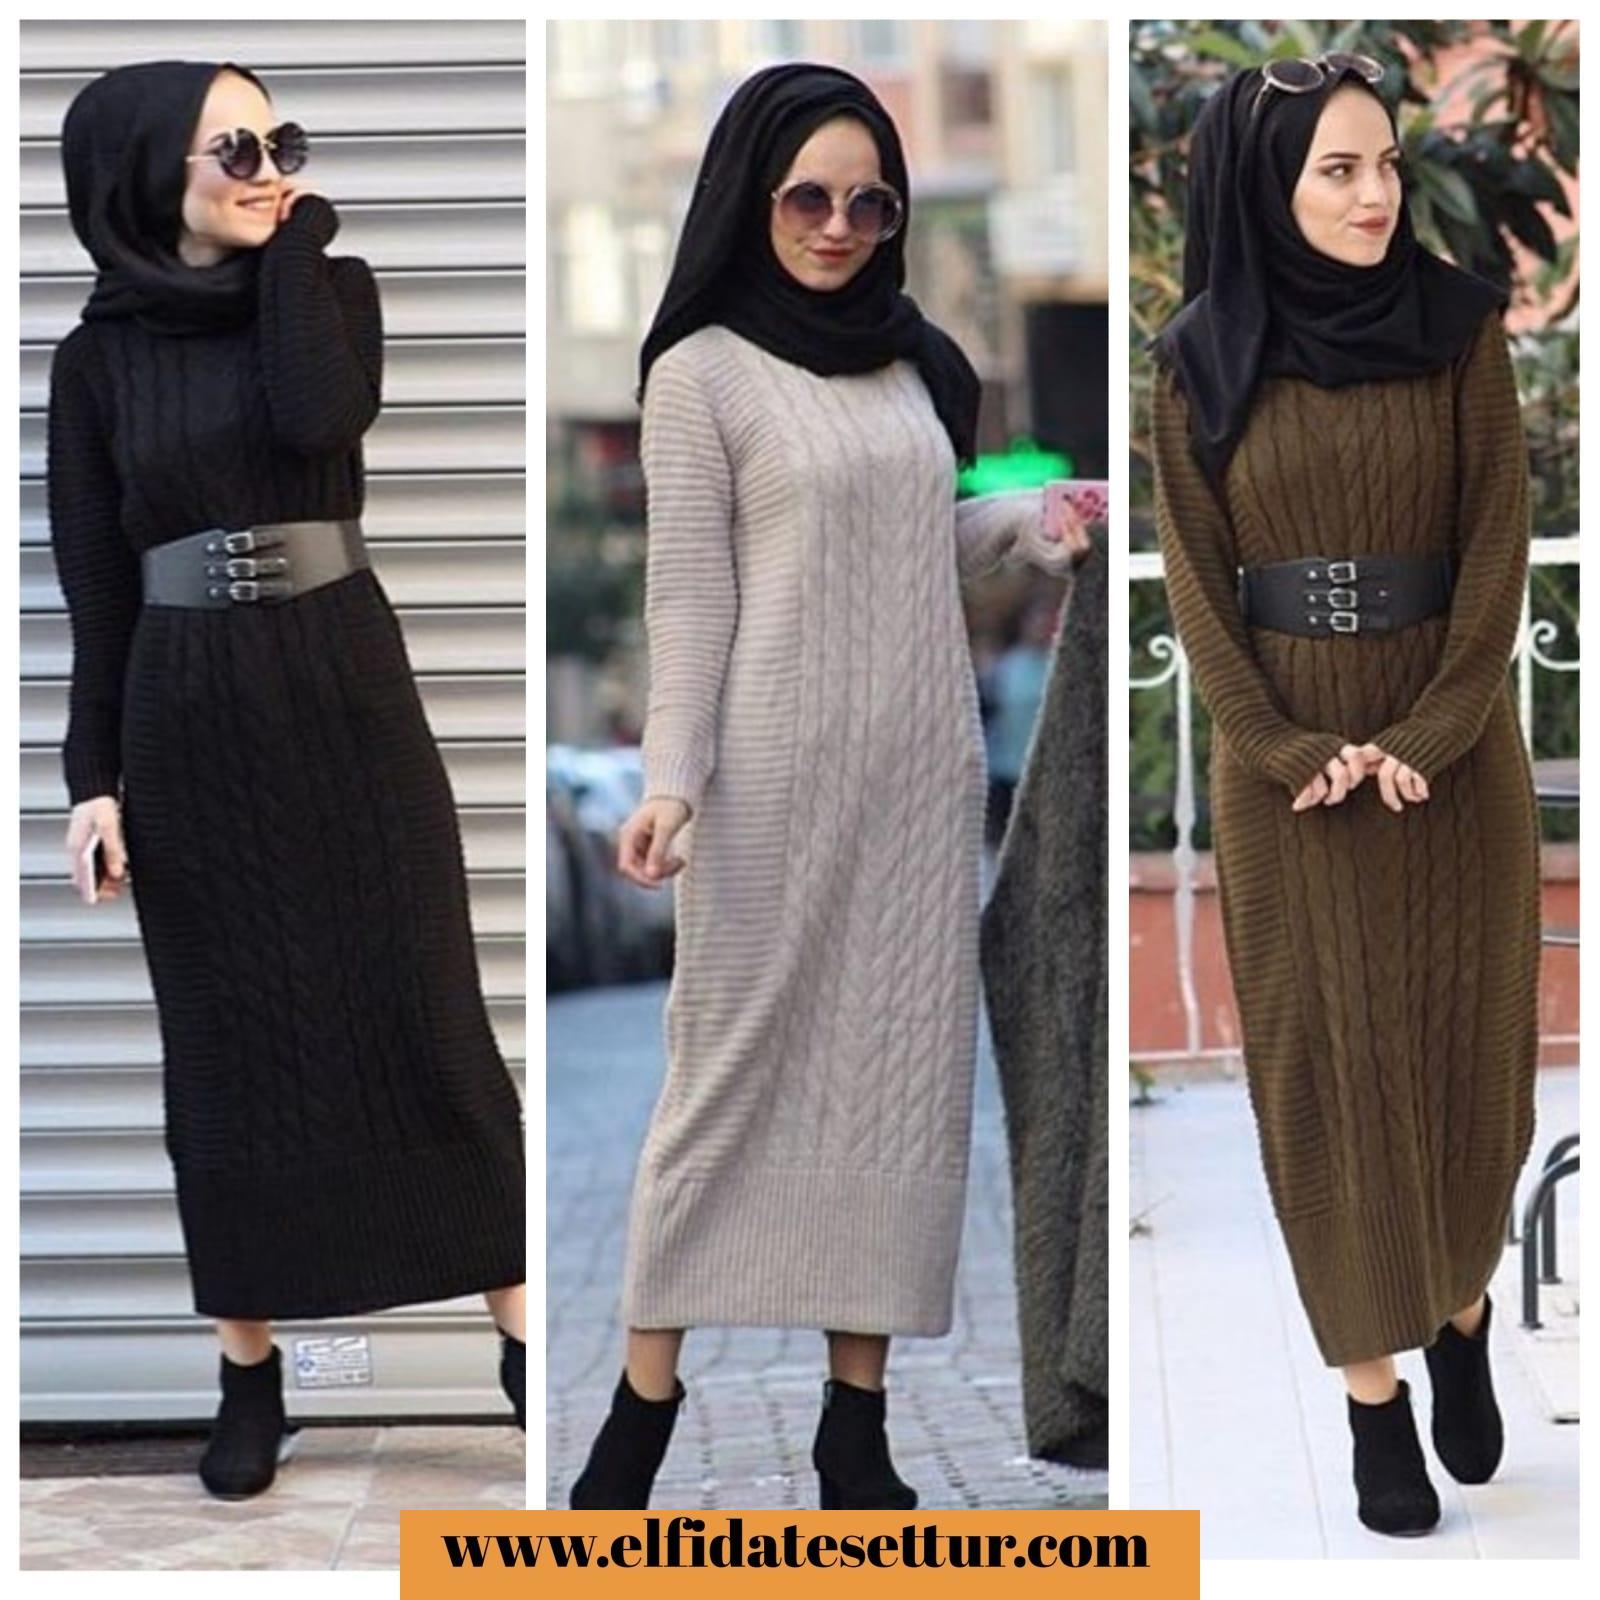 2c7d736226de8 Pudra Siyah Krem Haki Örme Triko Elbise - Kadın Giyim tesettür tunik etek  kazak hırka mont Kombin Kapıda Ödeme